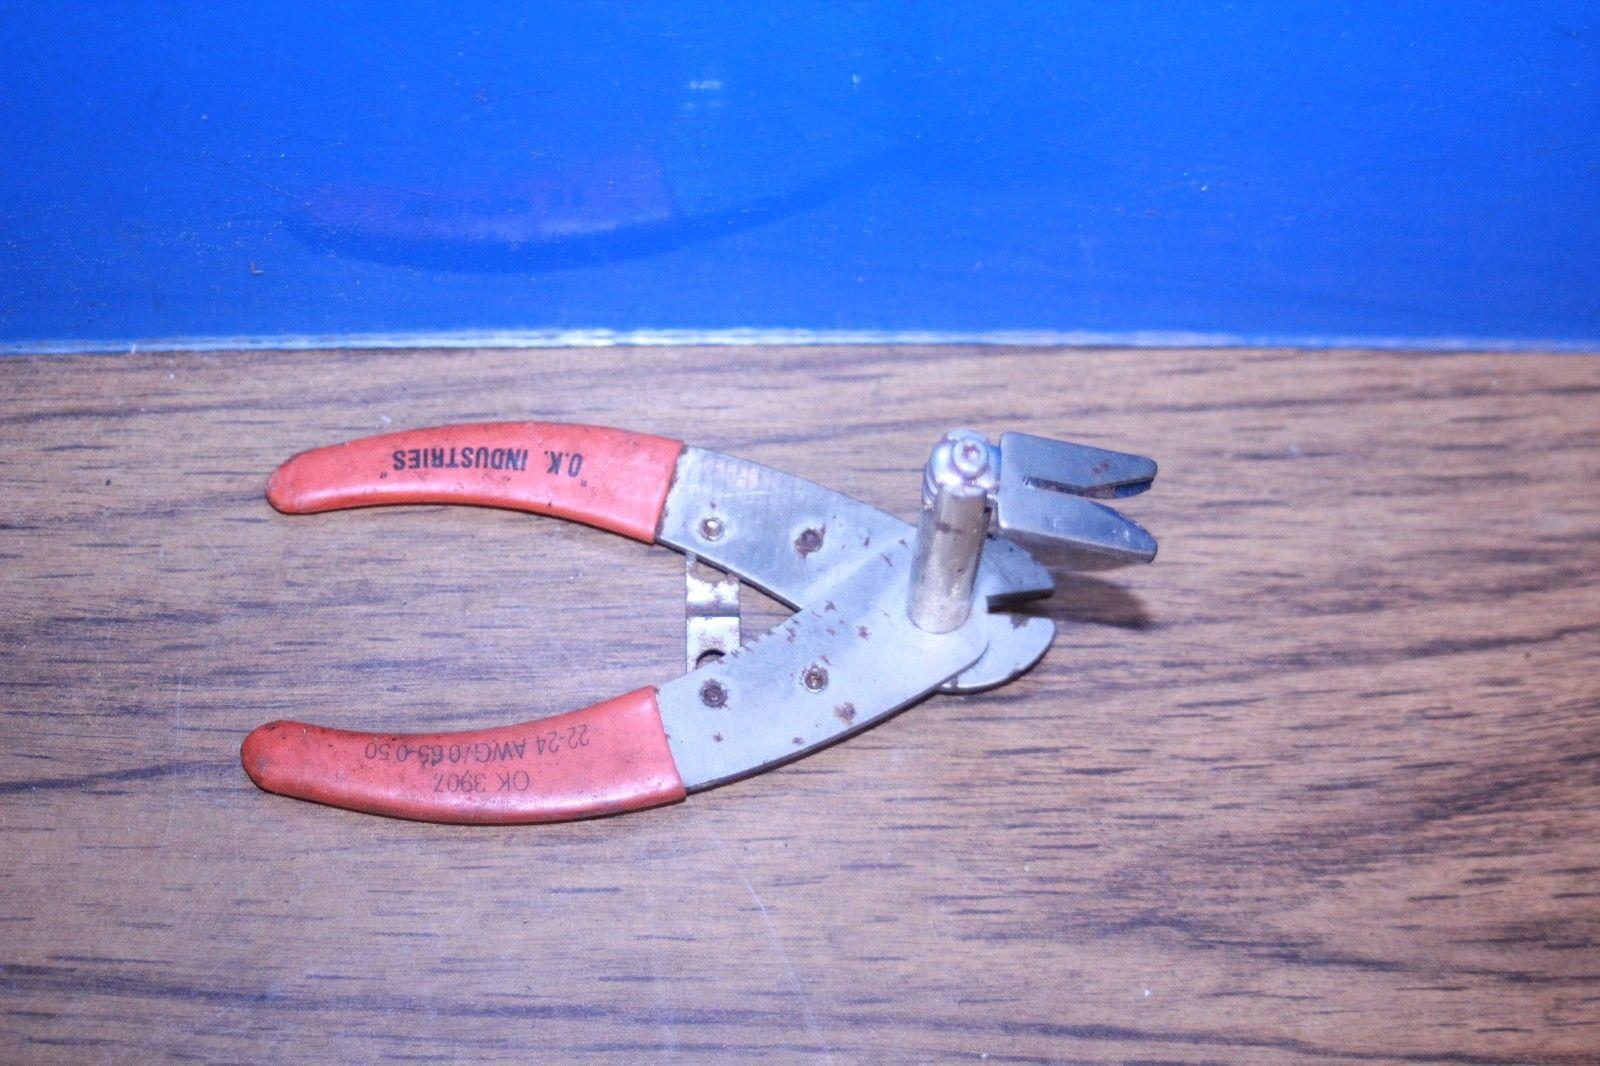 Wire Cut and Strip Tool OK-3907 2224 OK Industrie 0.65 0.50 Wire Stripper Cutter